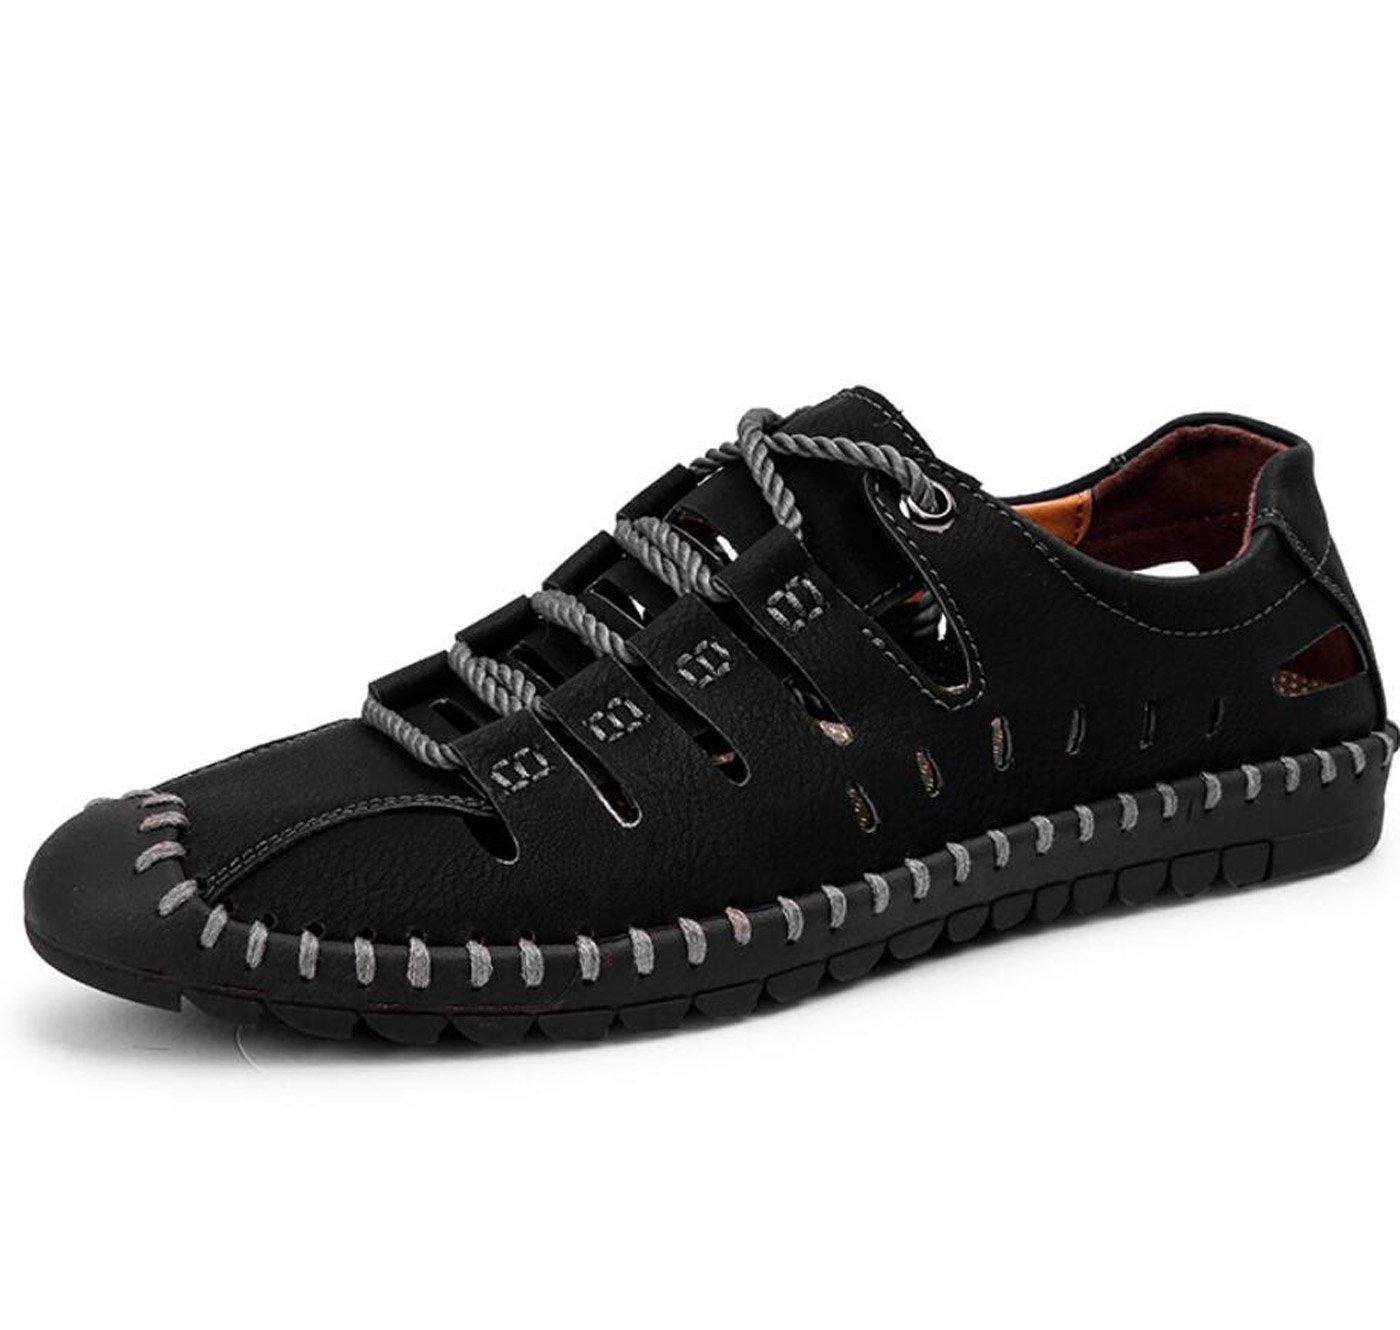 DANDANJIE Sandalias de los zapatos del agujero de los hombres Sandalias de la comodidad del verano Soles ligeros al aire libre para el negro ocasional marrón (Color : Negro, tamaño : 43) 43 Negro